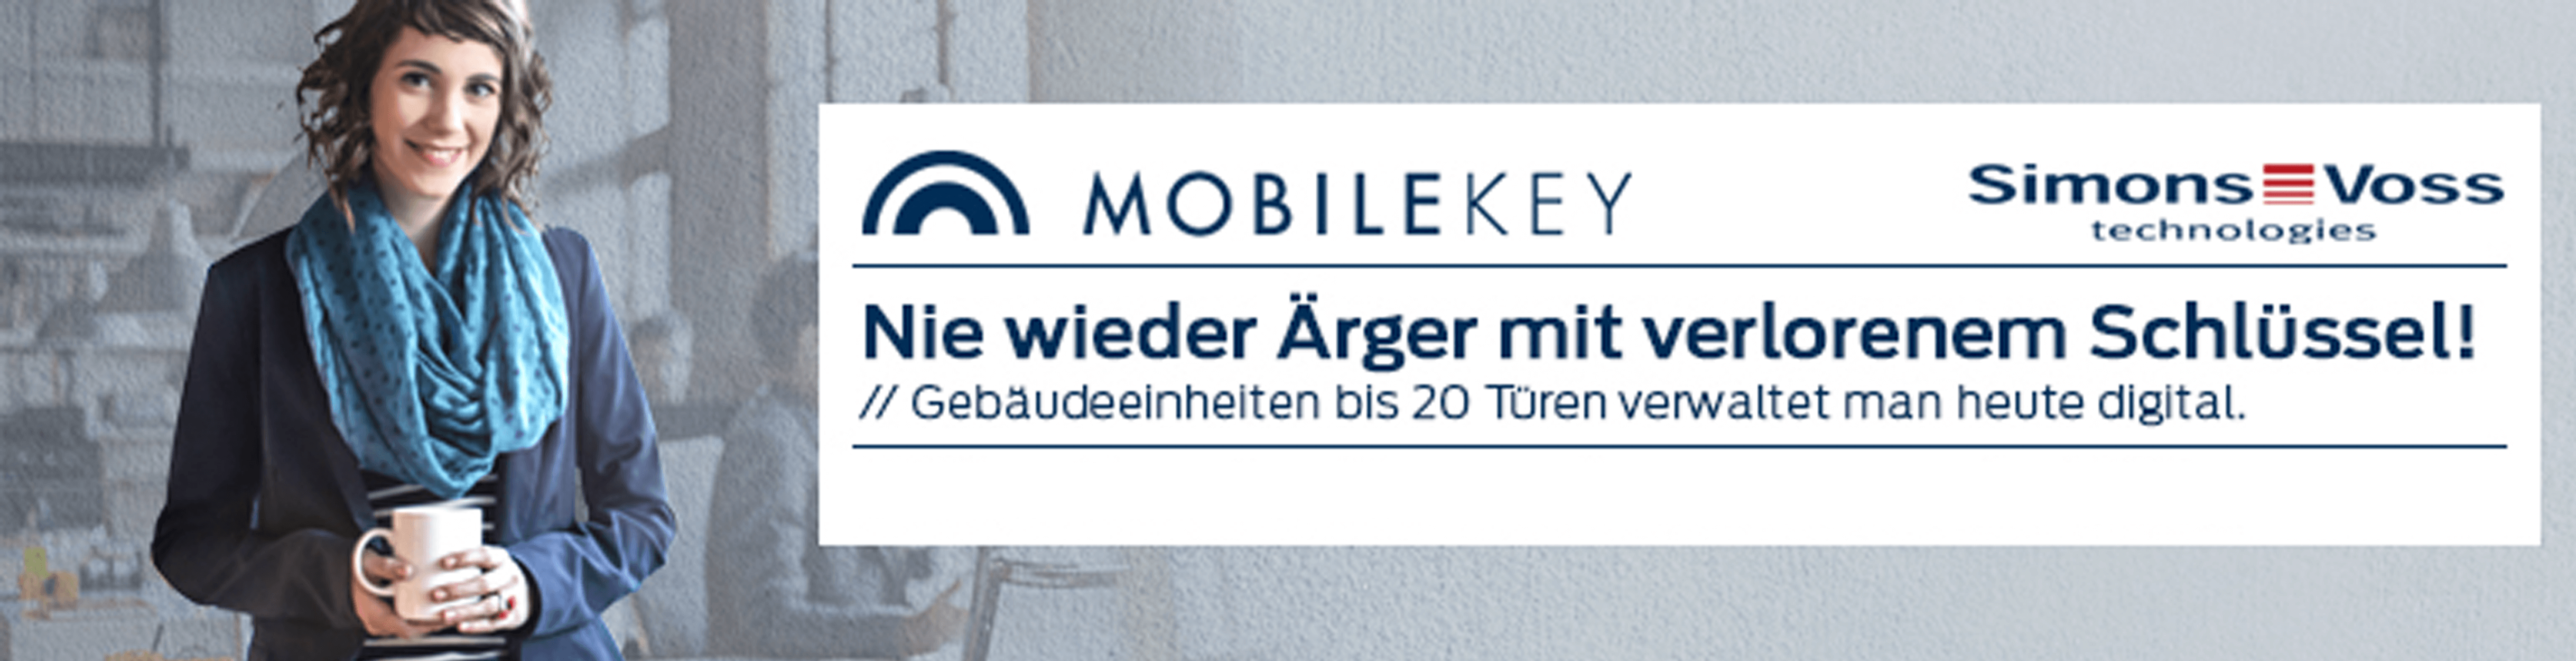 SimonsVoss MobileKey